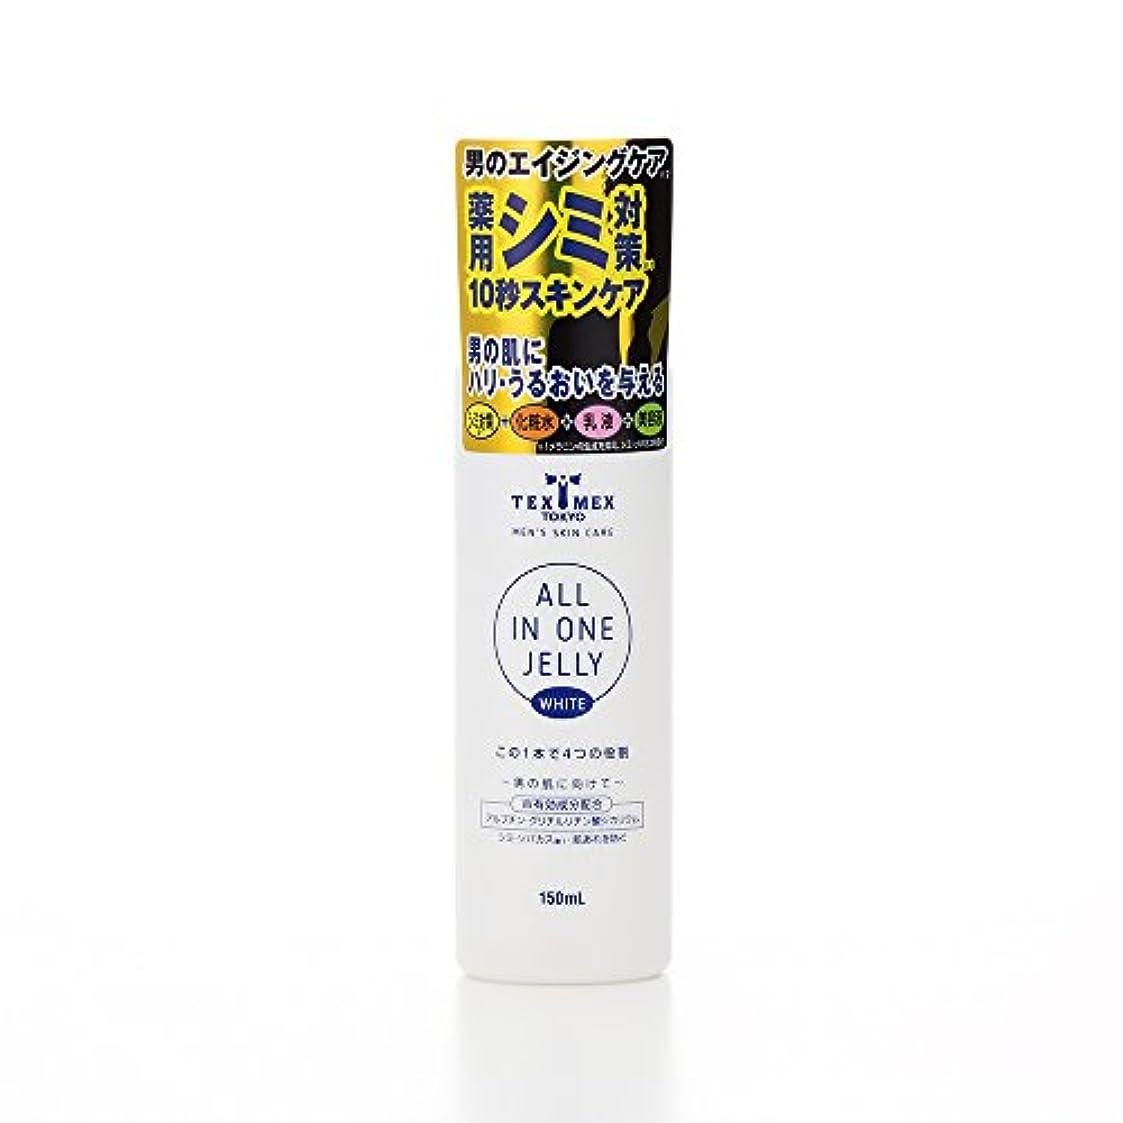 マルコポーロ草ルビーテックスメックス 薬用スキンケアジェリー WH (ジェル状美容液) 150mL (医薬部外品)